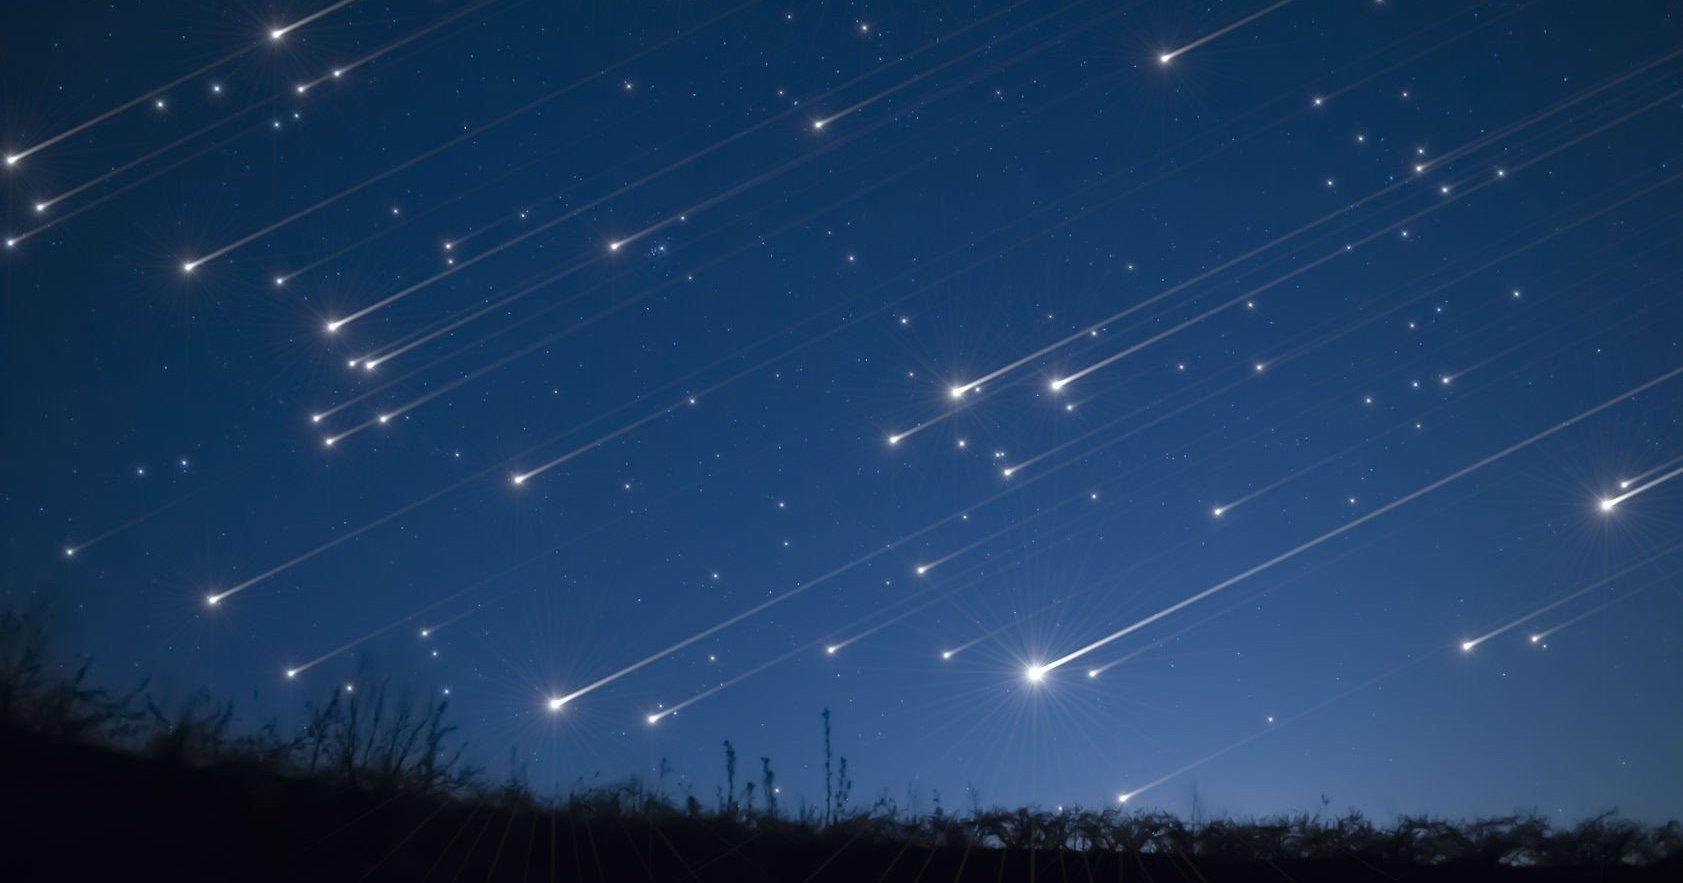 Астрономы спрогнозировали летний звездопад в конце июля